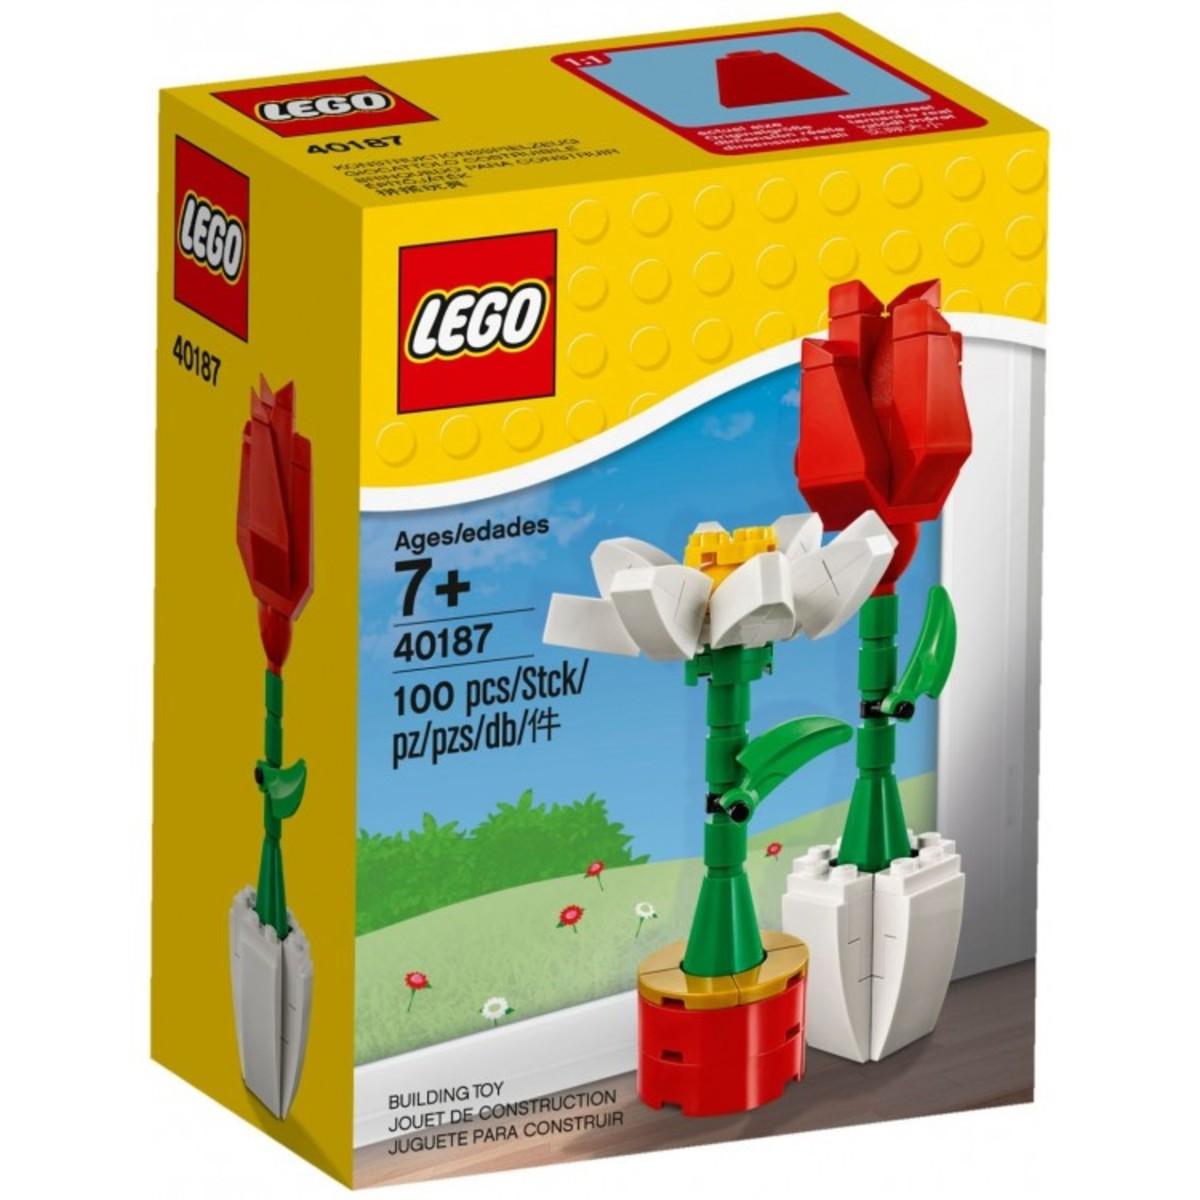 LEGO 40187 - LEGO® Flower Display